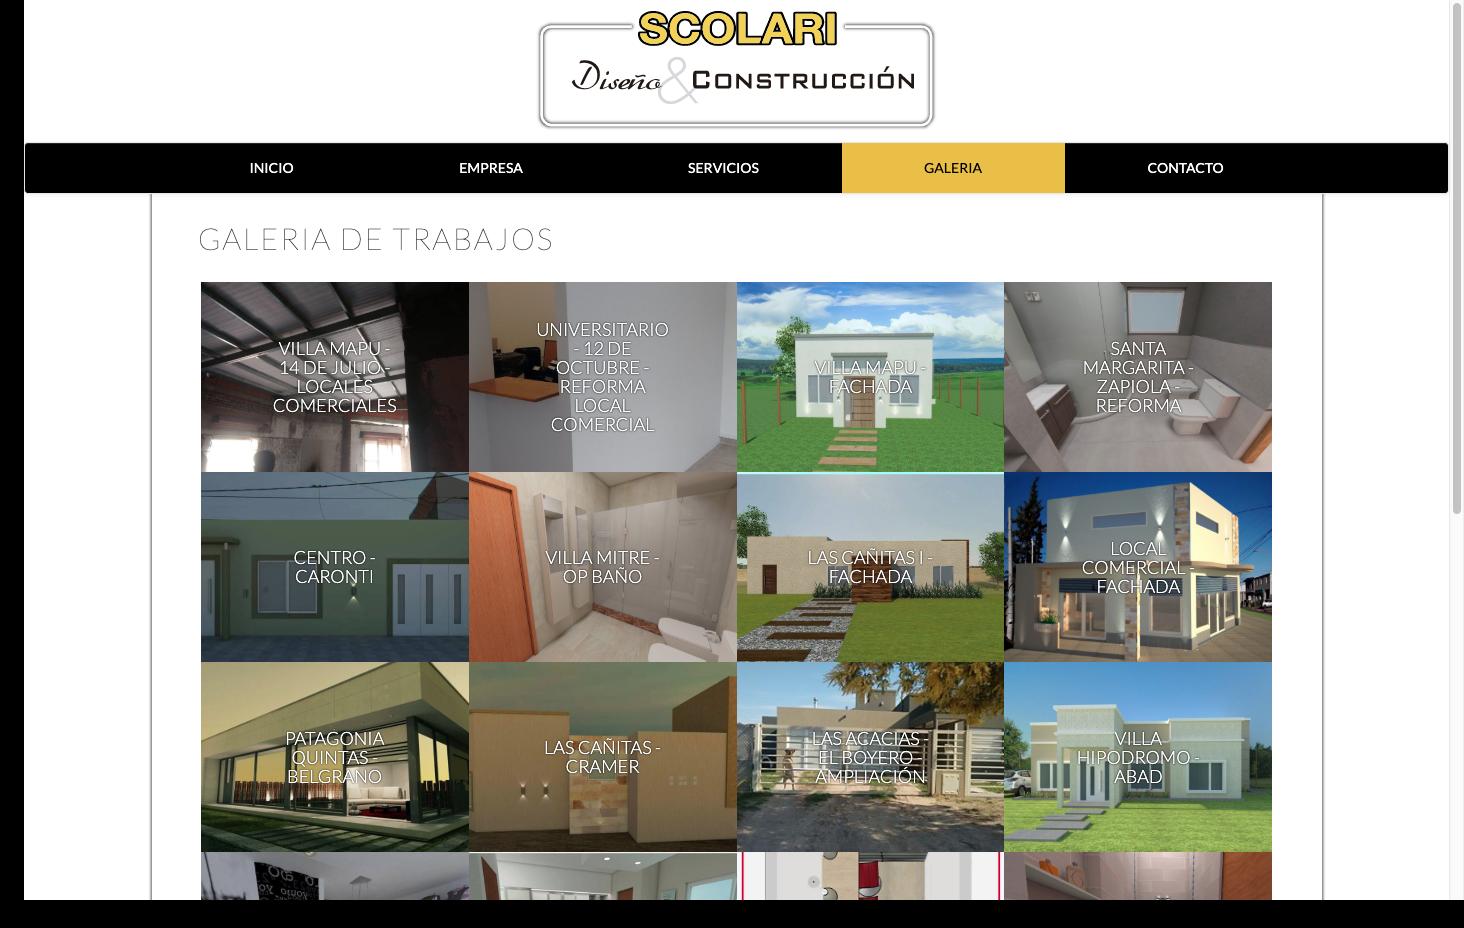 Scolari Diseño y Construcción